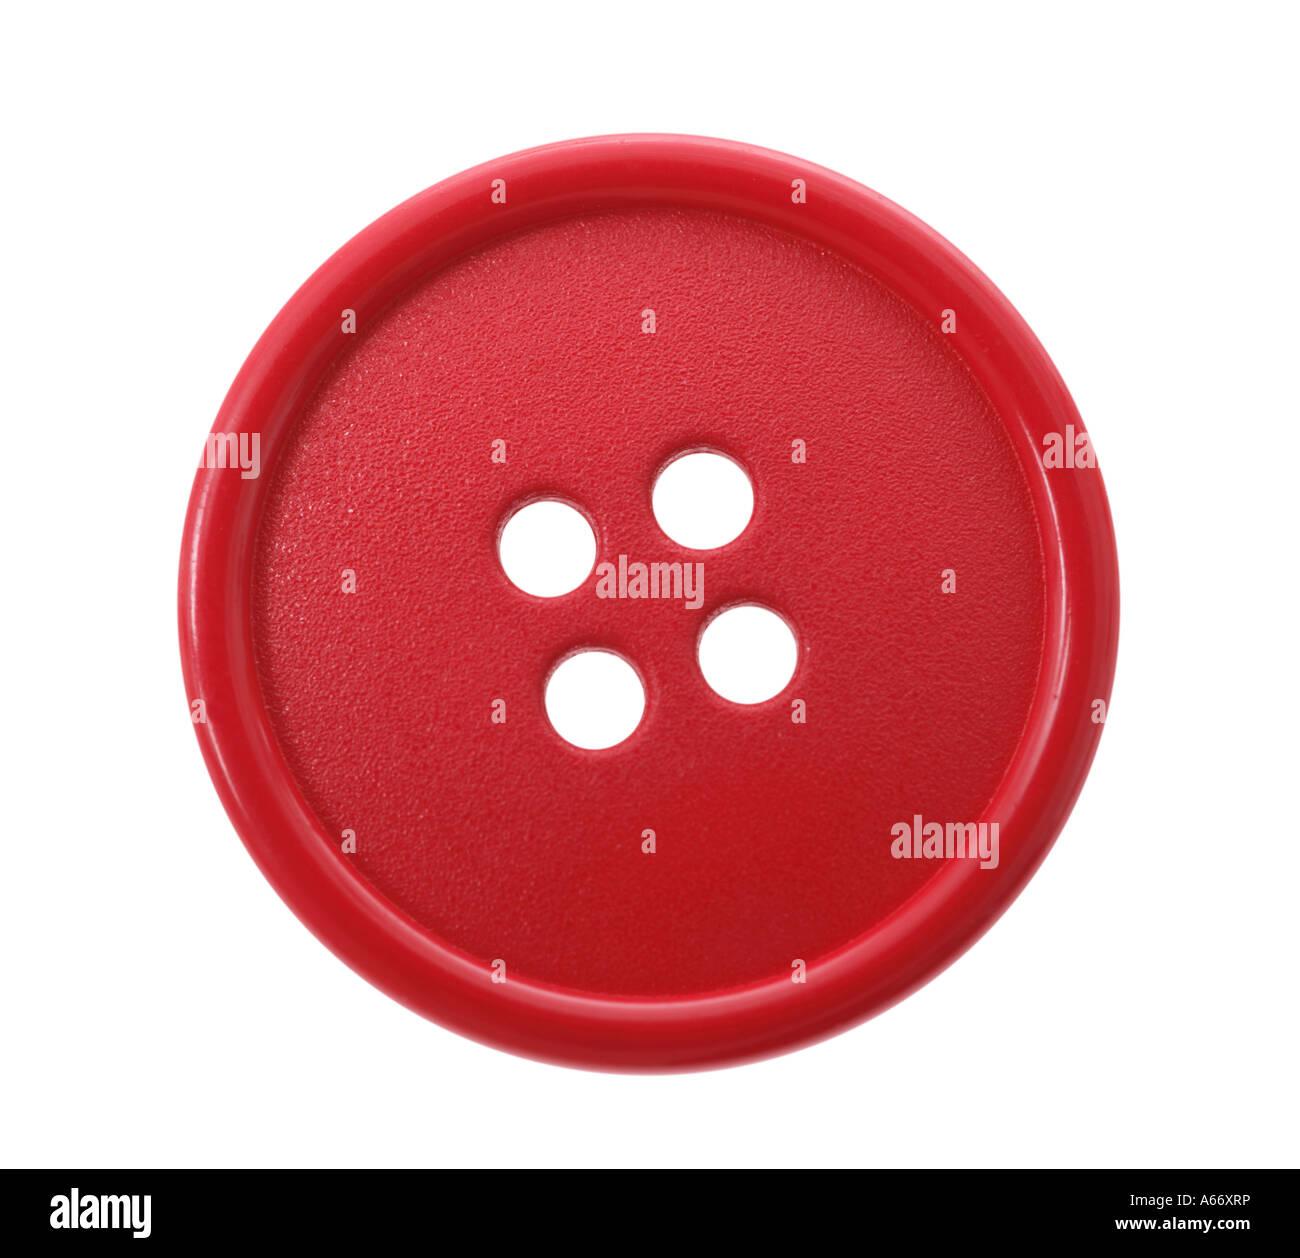 Pulsante rosso ritagliata su sfondo bianco Immagini Stock